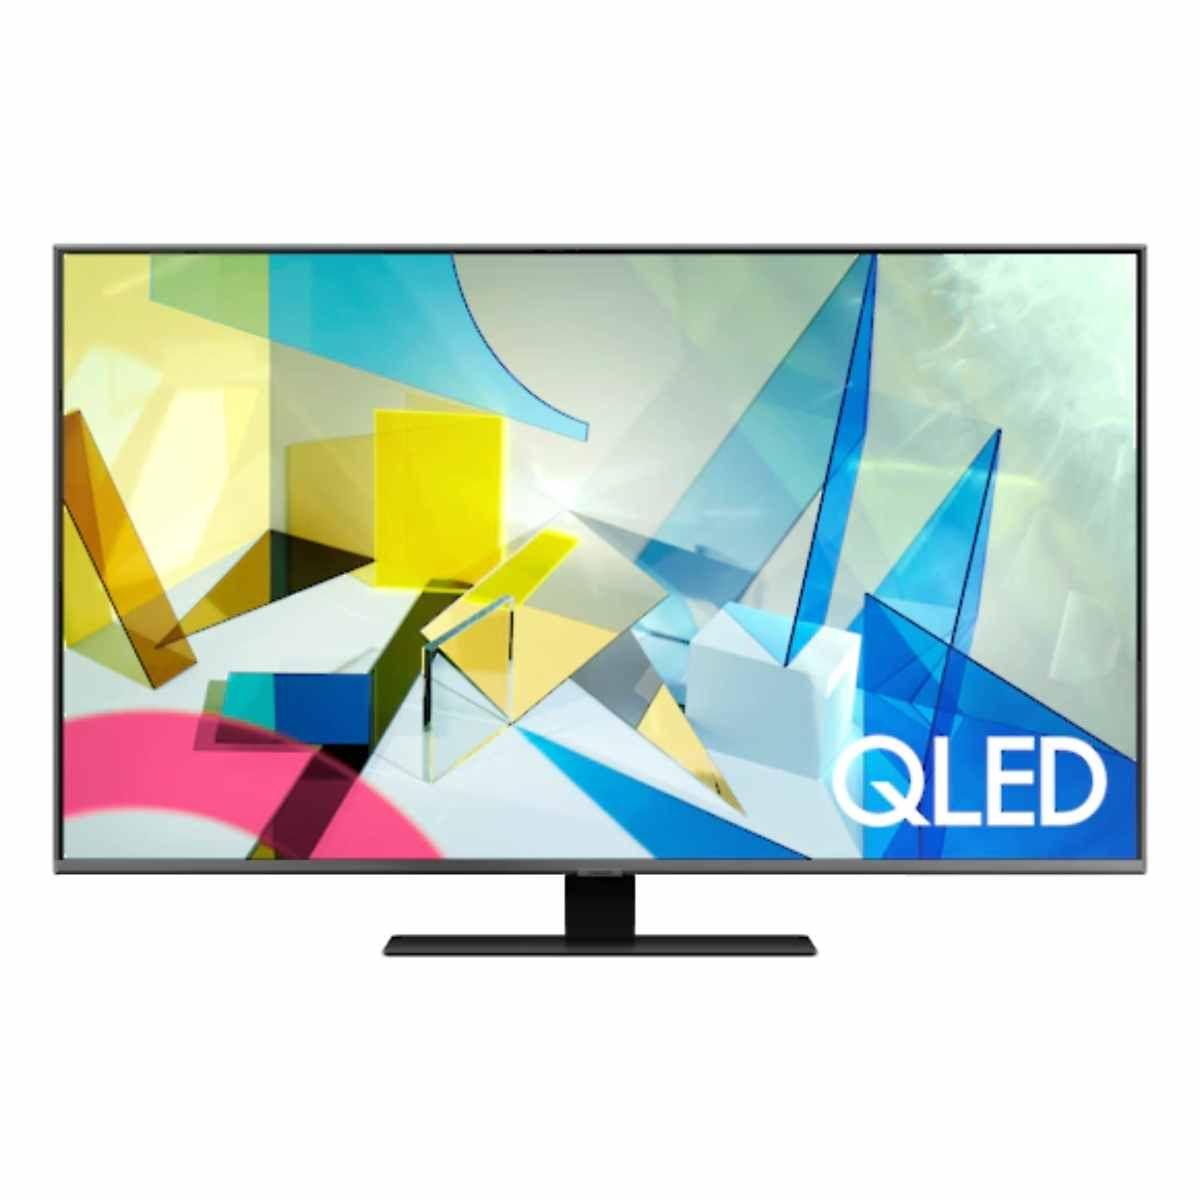 Samsung 49 inches 4K Smart QLED TV (QA49Q80TAKXXL)